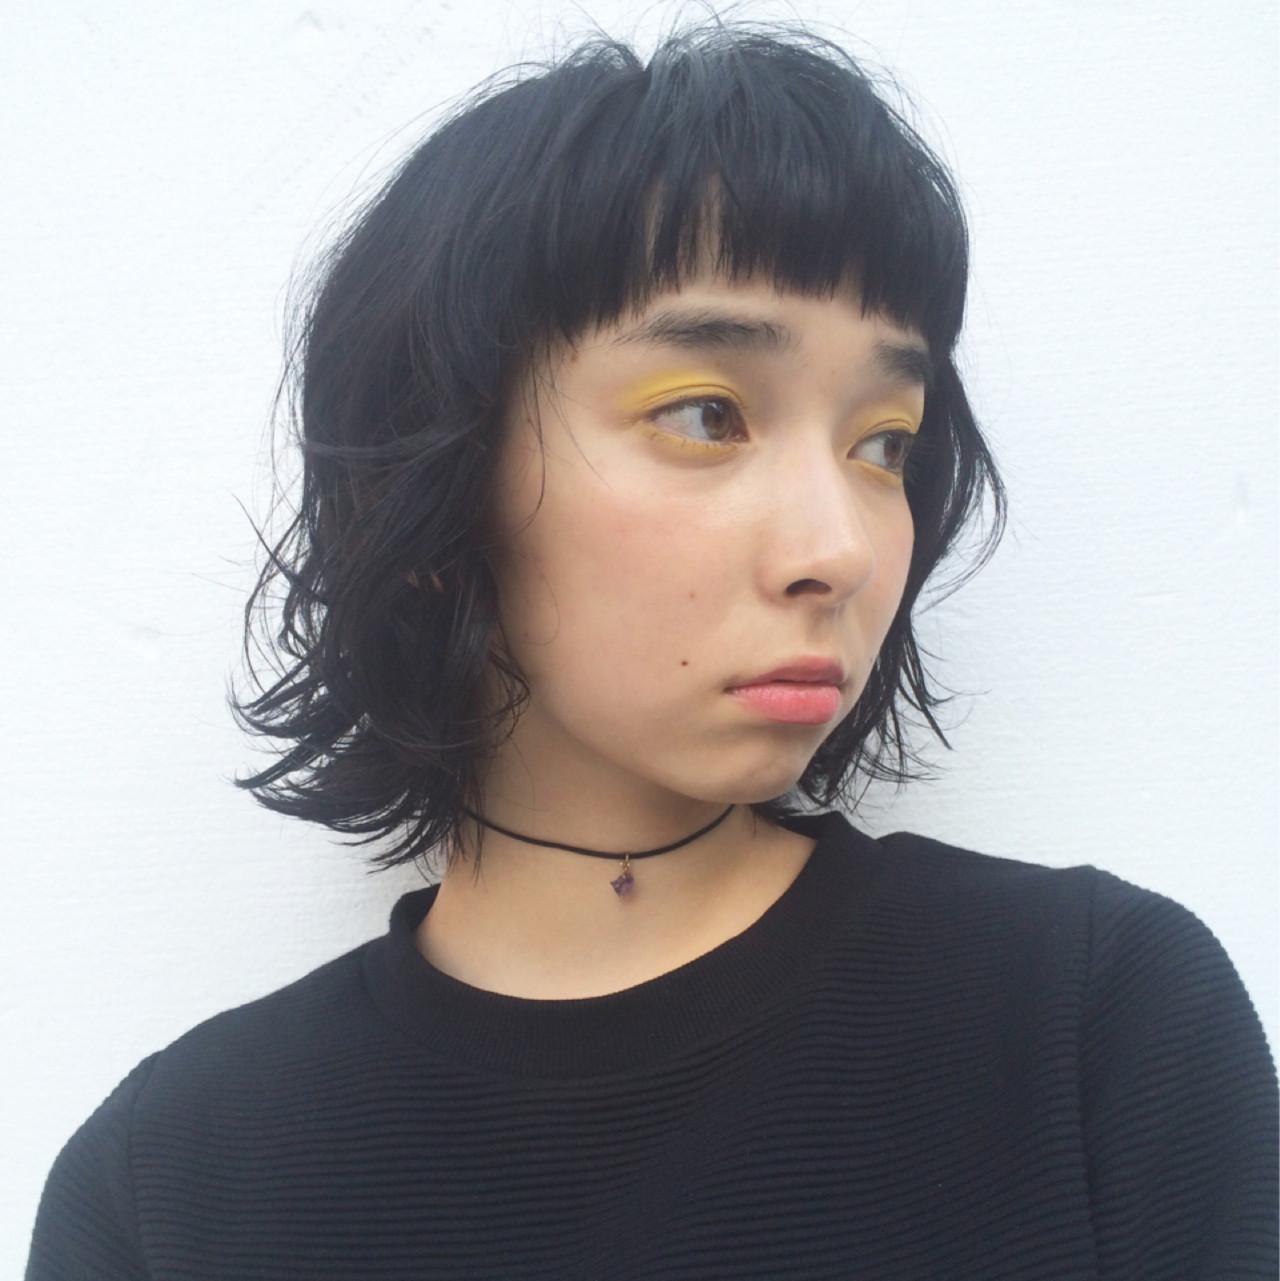 黒髪 ショートバング ウルフカット モード ヘアスタイルや髪型の写真・画像